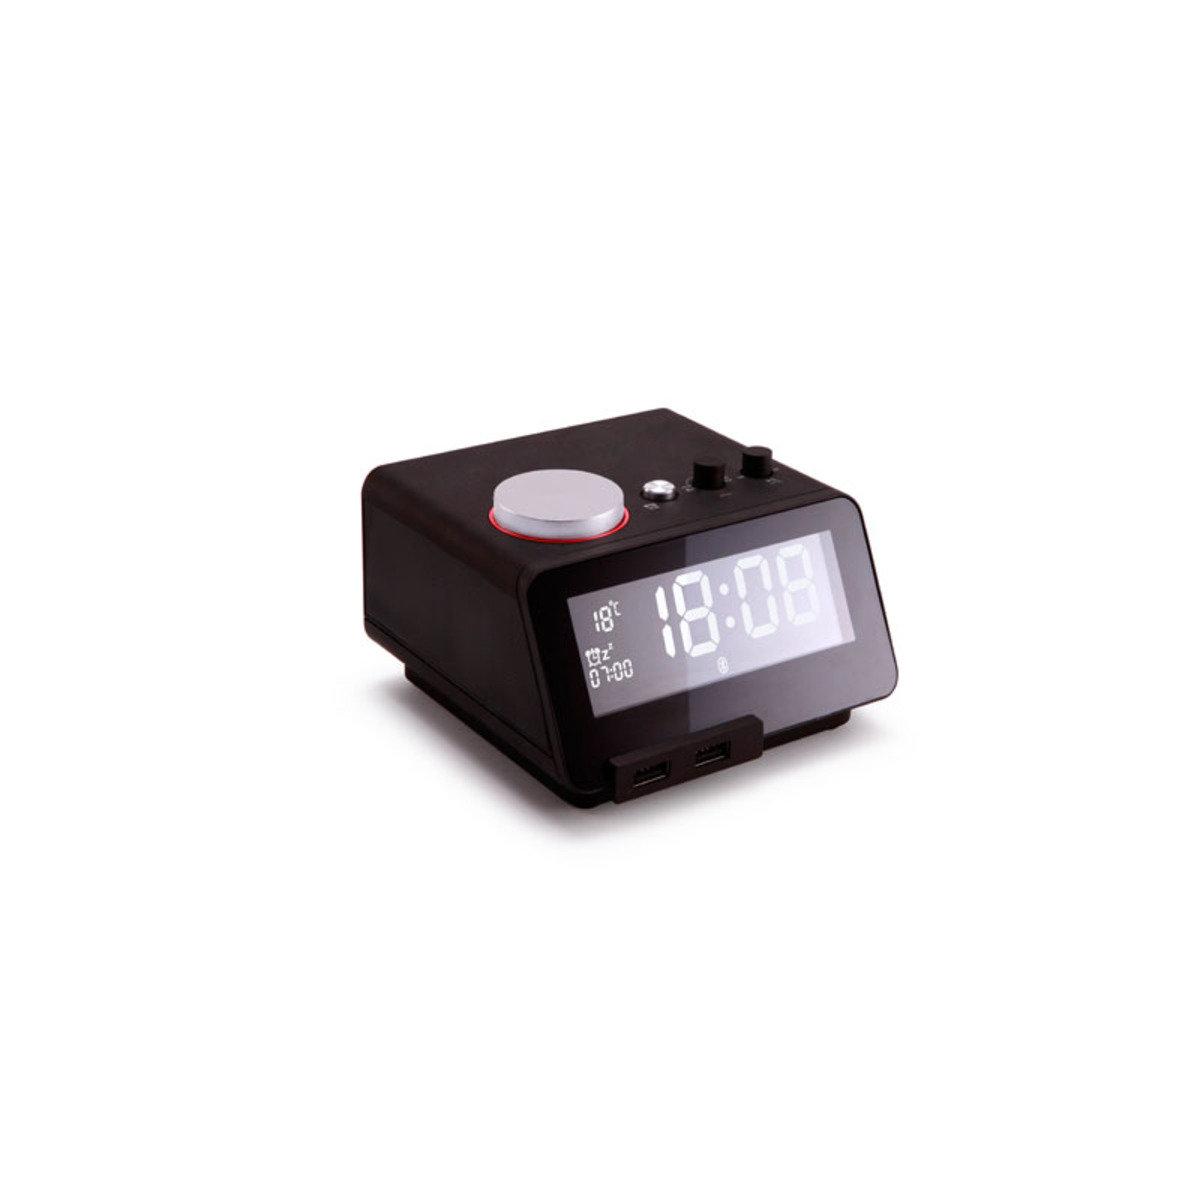 藍芽免提喇叭連充電USB座檯鬧鐘  黑色 MM-C12BK